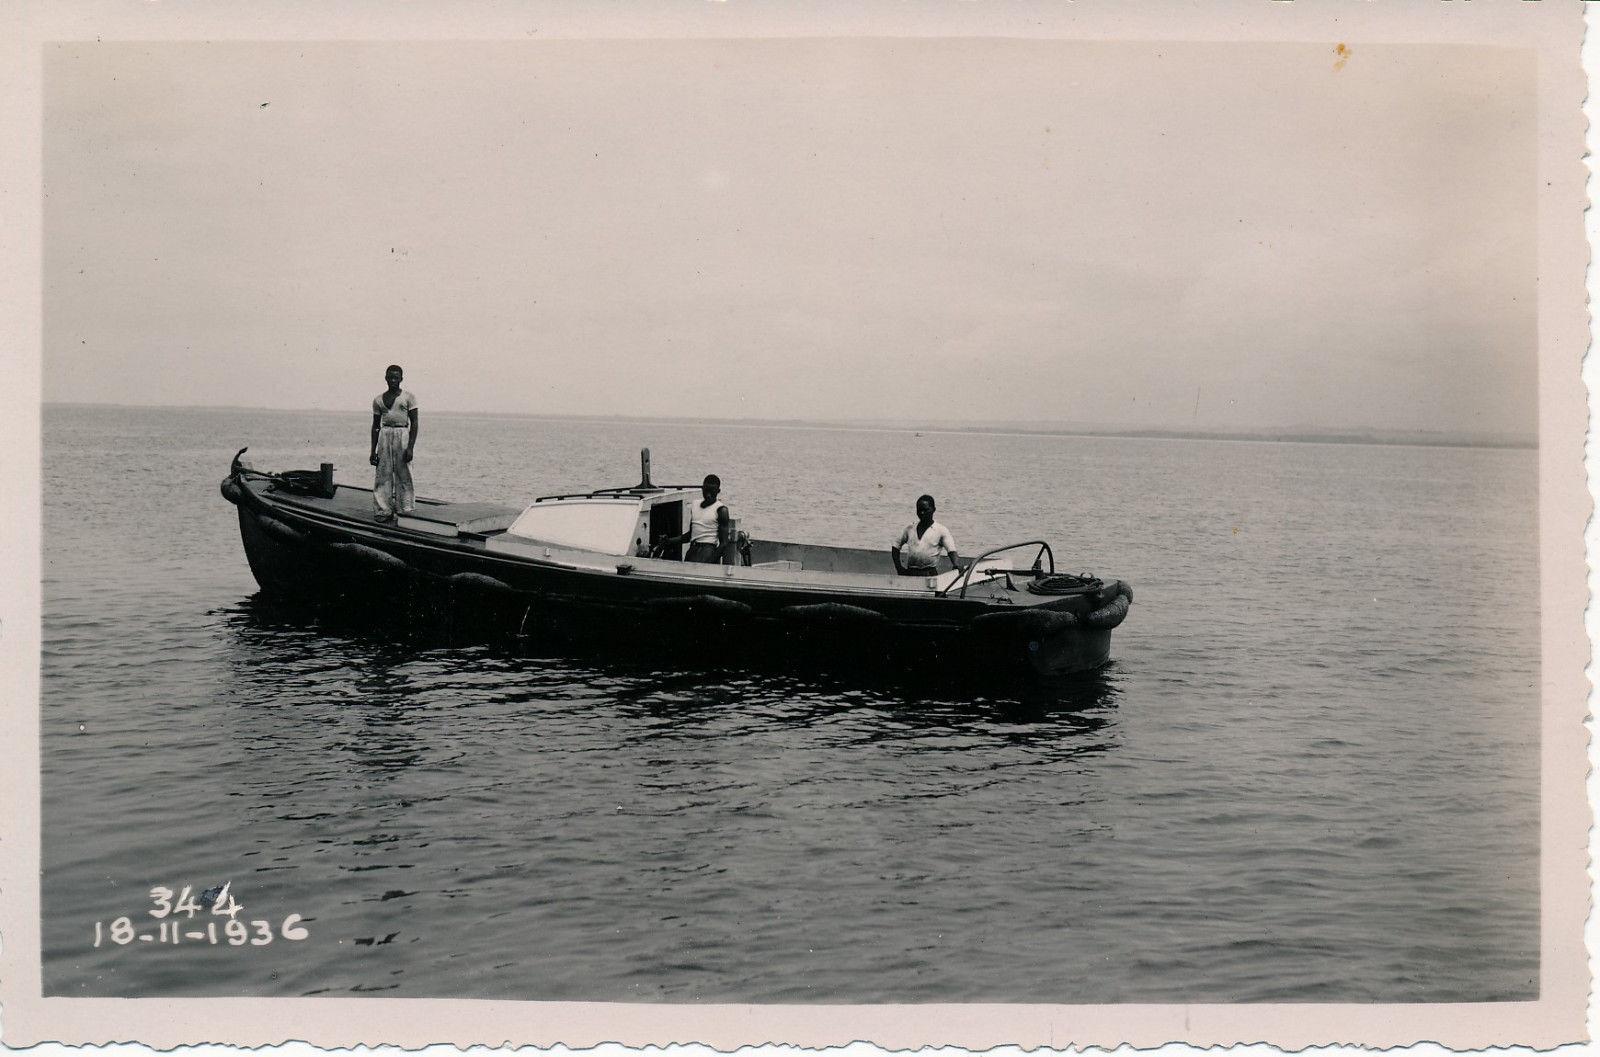 18.11.36. Моторная лодка